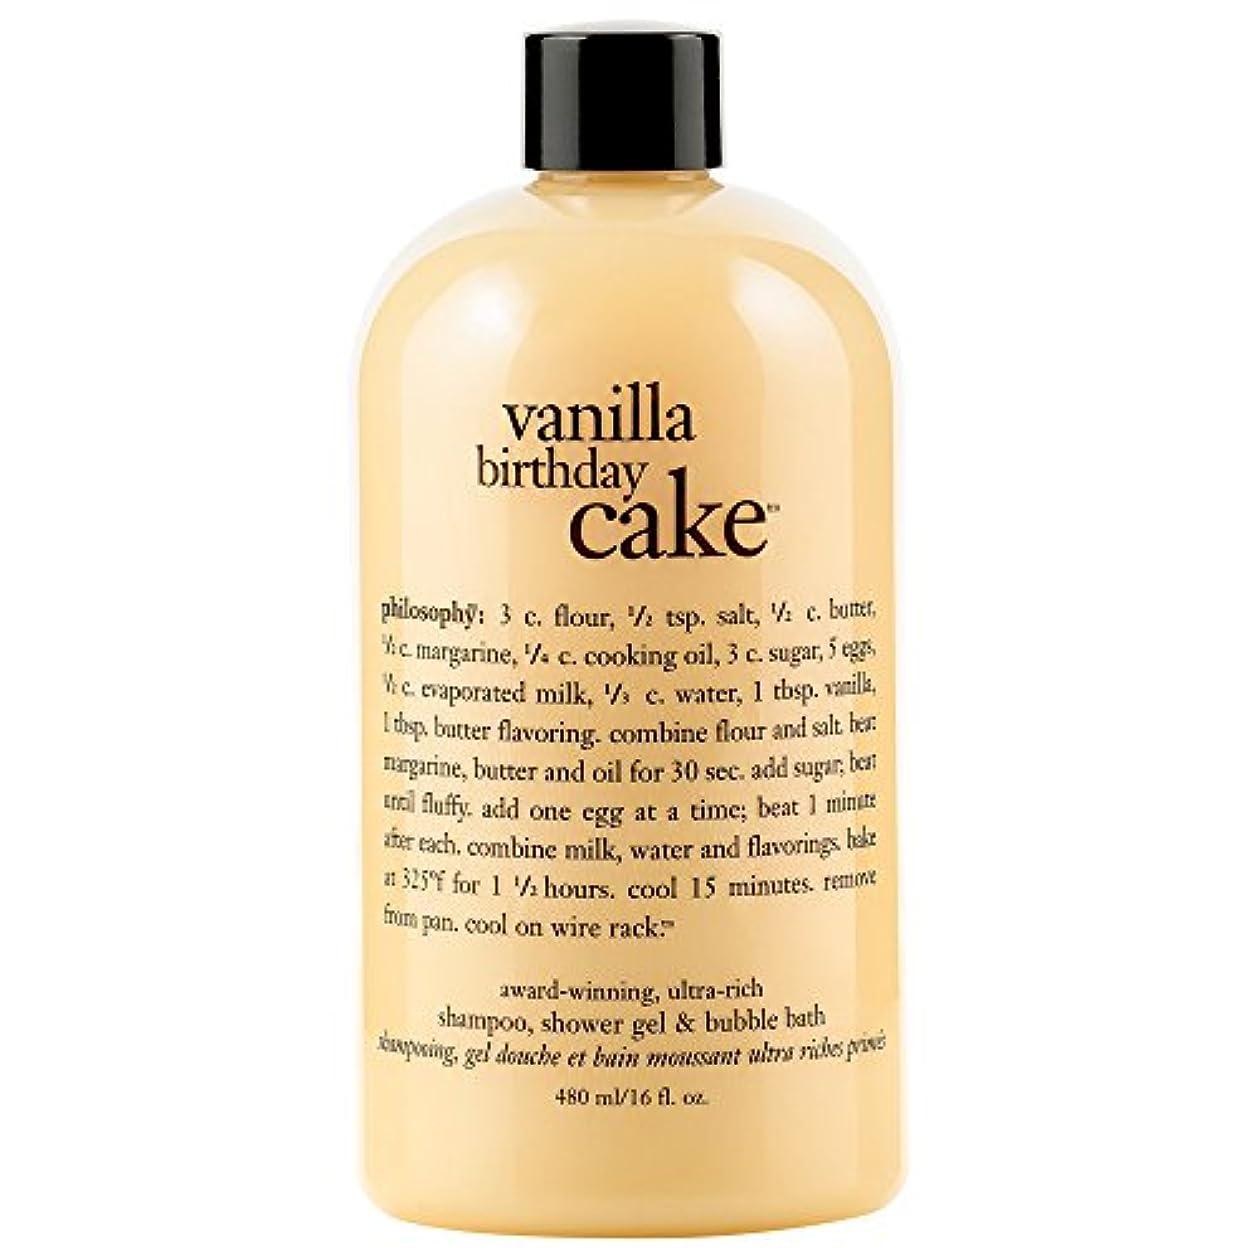 実質的公然と大腿哲学バニラバースデーケーキシャンプー/シャワージェル/バブルバス480ミリリットル (Philosophy) (x2) - Philosophy Vanilla Birthday Cake Shampoo/Shower...